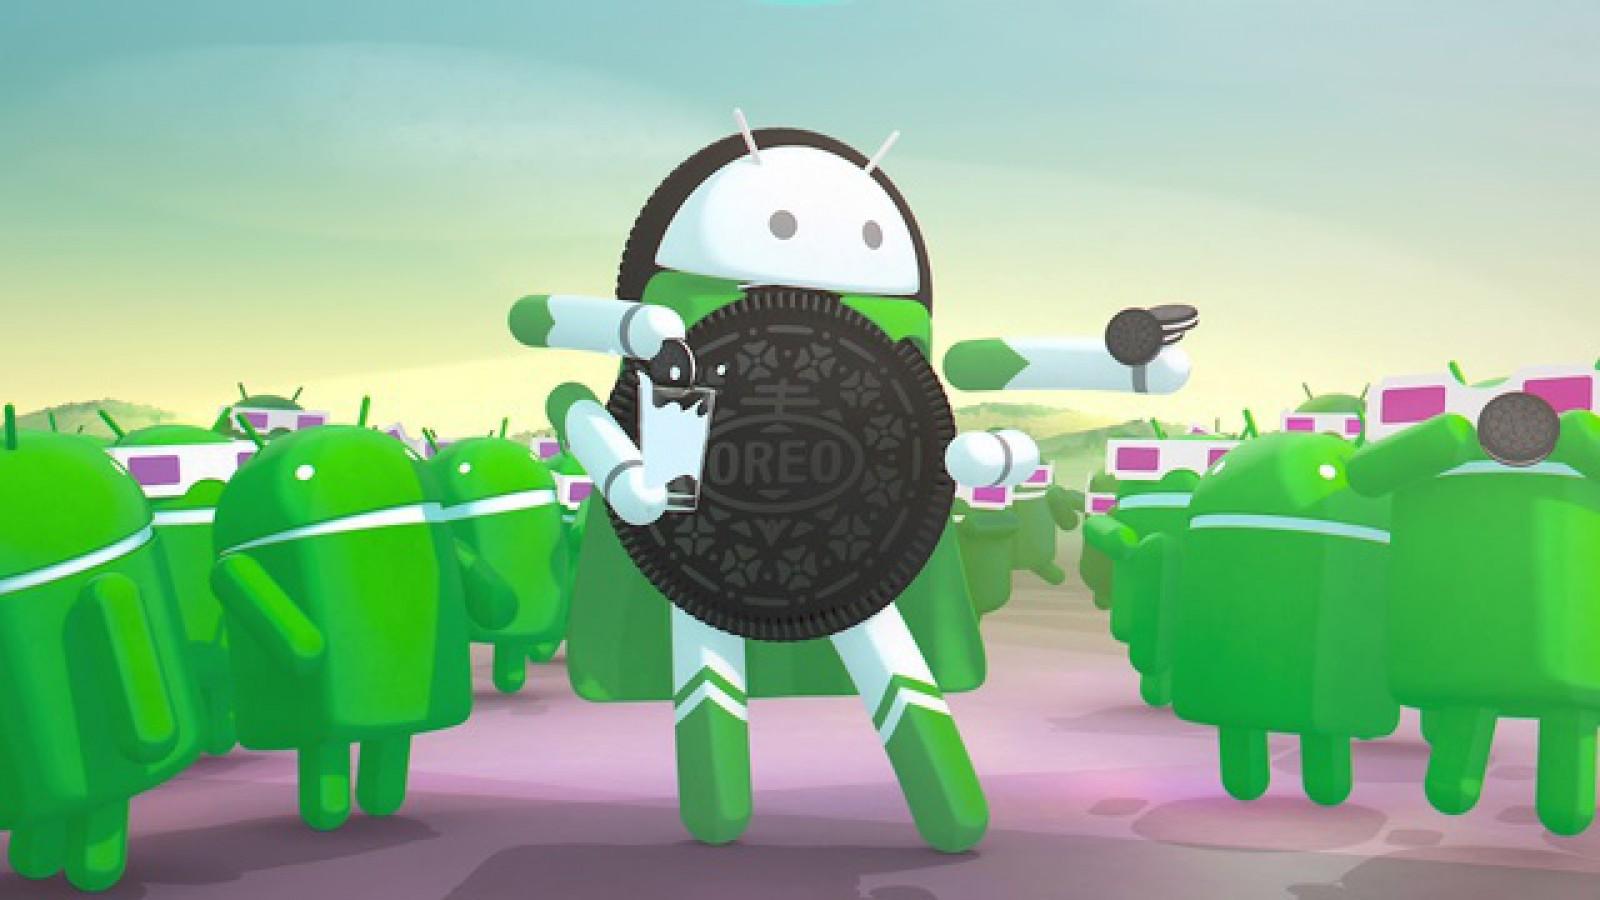 Platforma Android la început de 2018: Android Oreo creşte încet, versiunile vechi încep să dispară